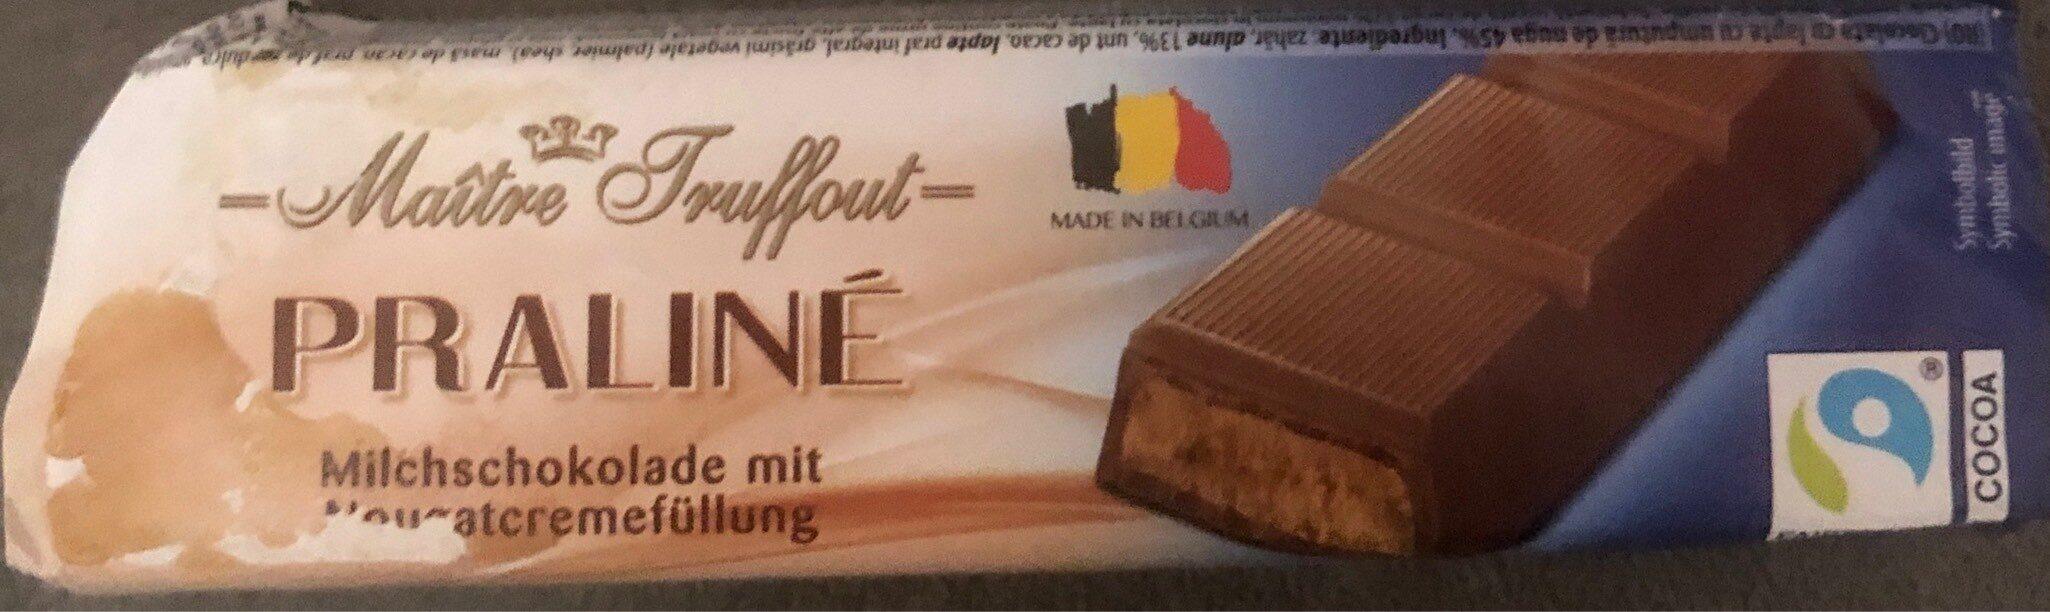 Pralinenriegel Milk In Der 75g Packung Von Maître Truffout - Produit - fr